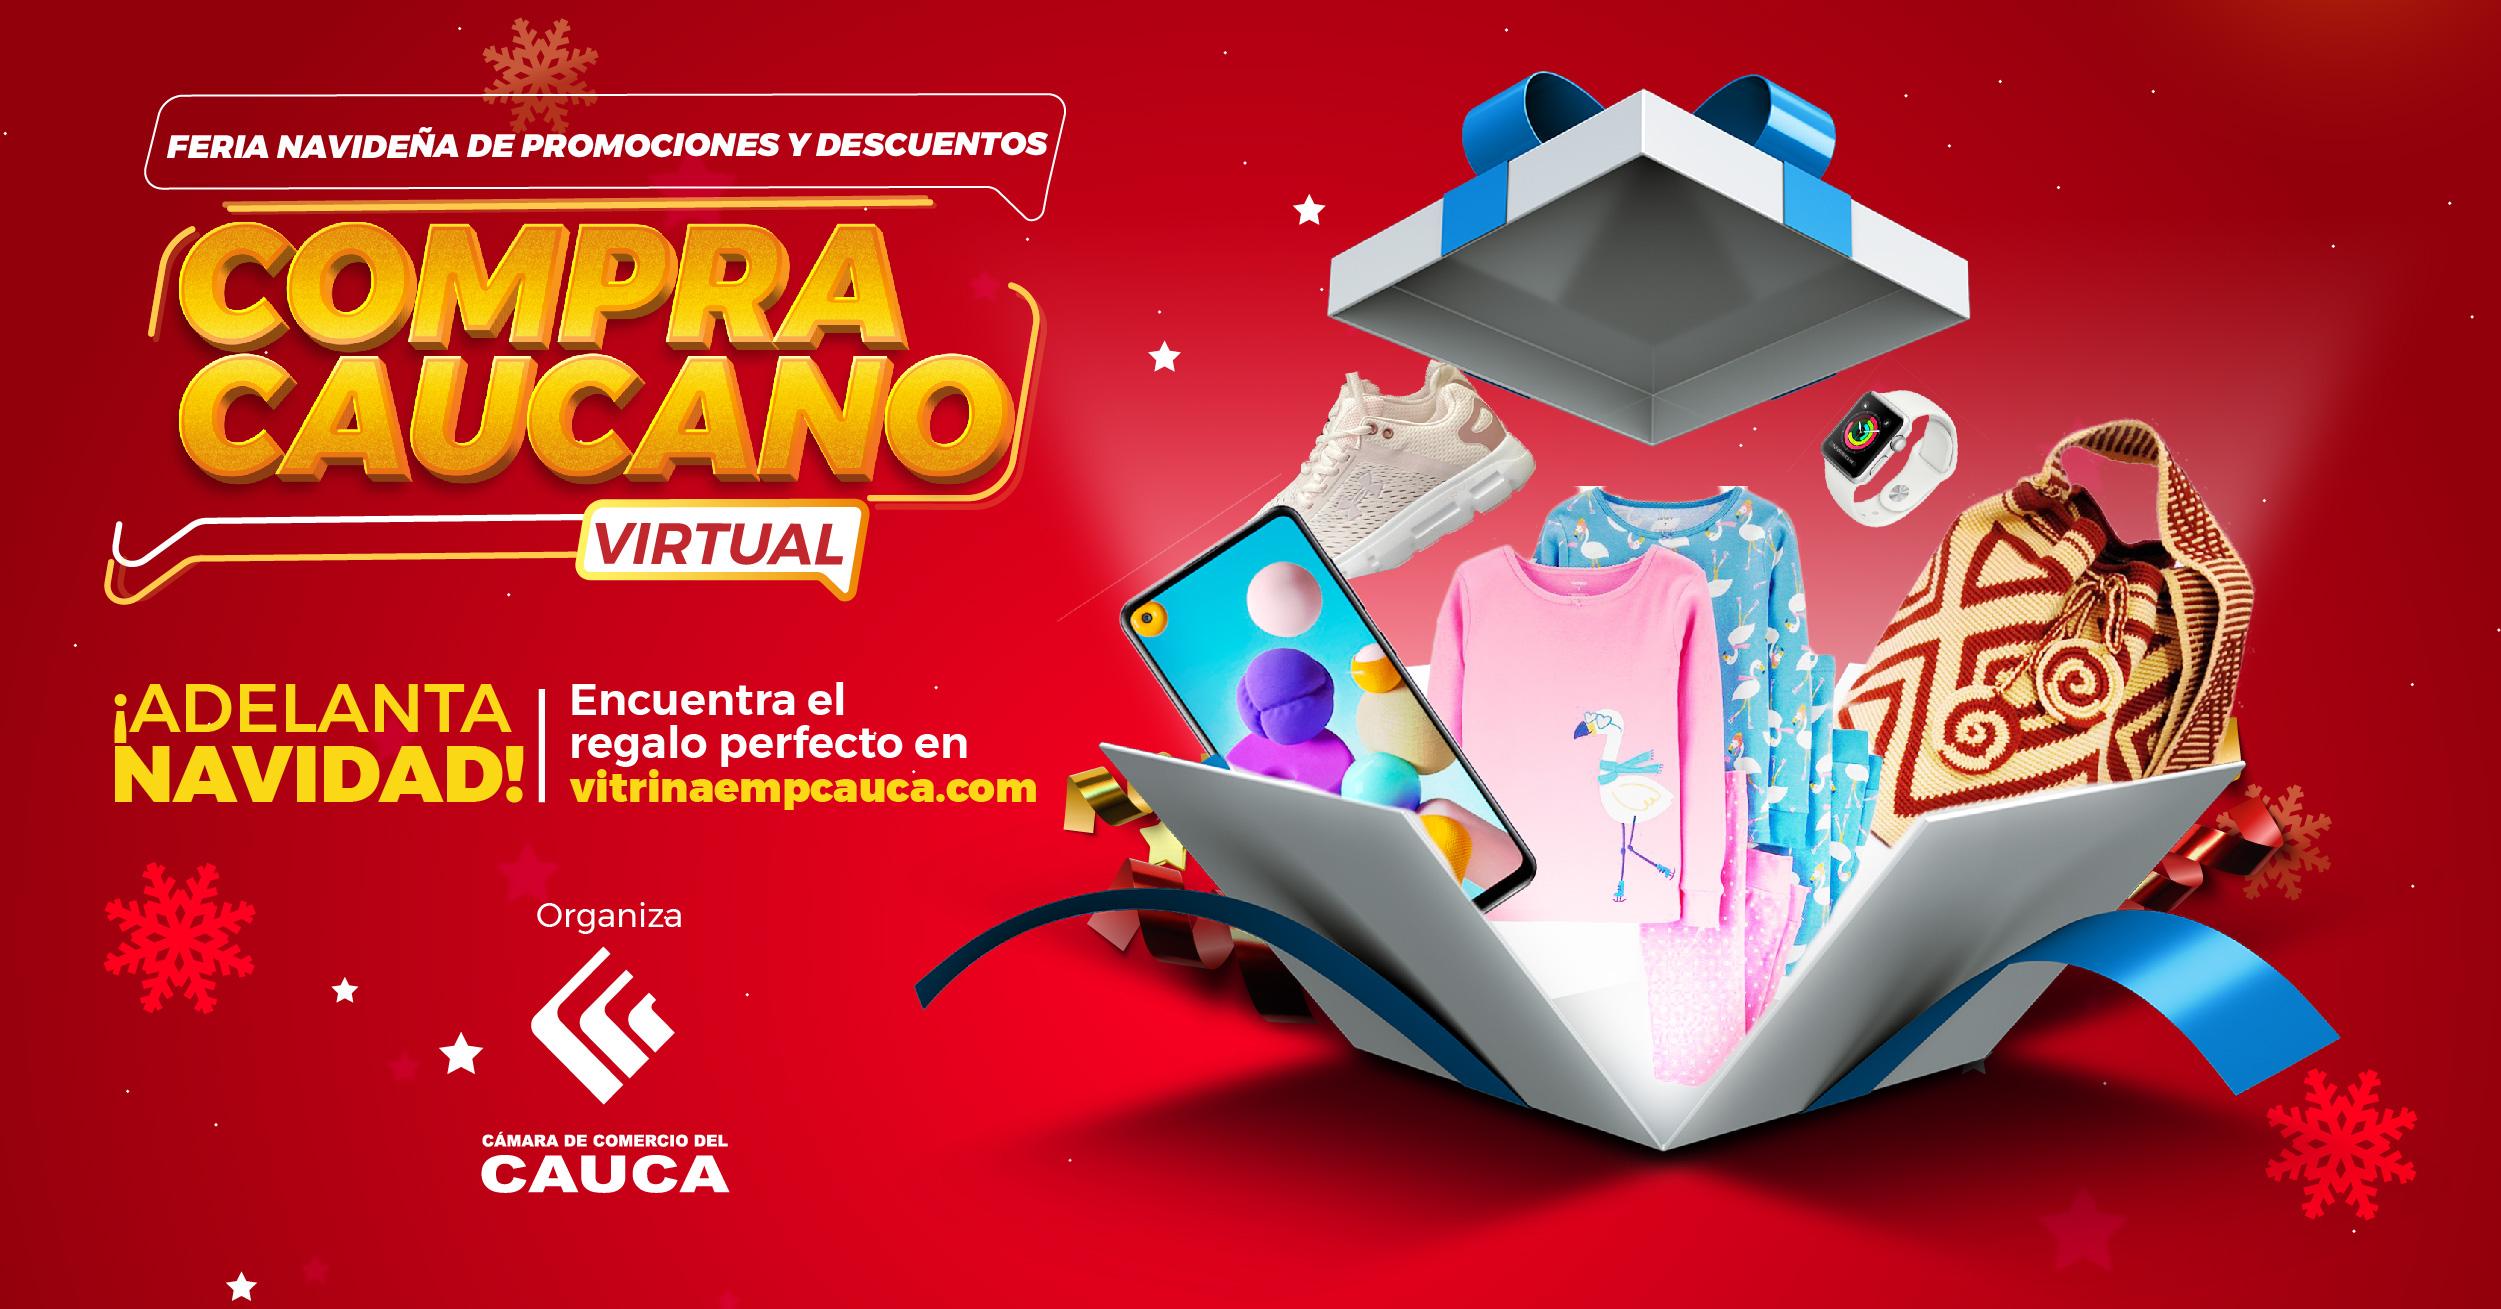 Feria Navideña de Promociones y Descuentos Compra caucano